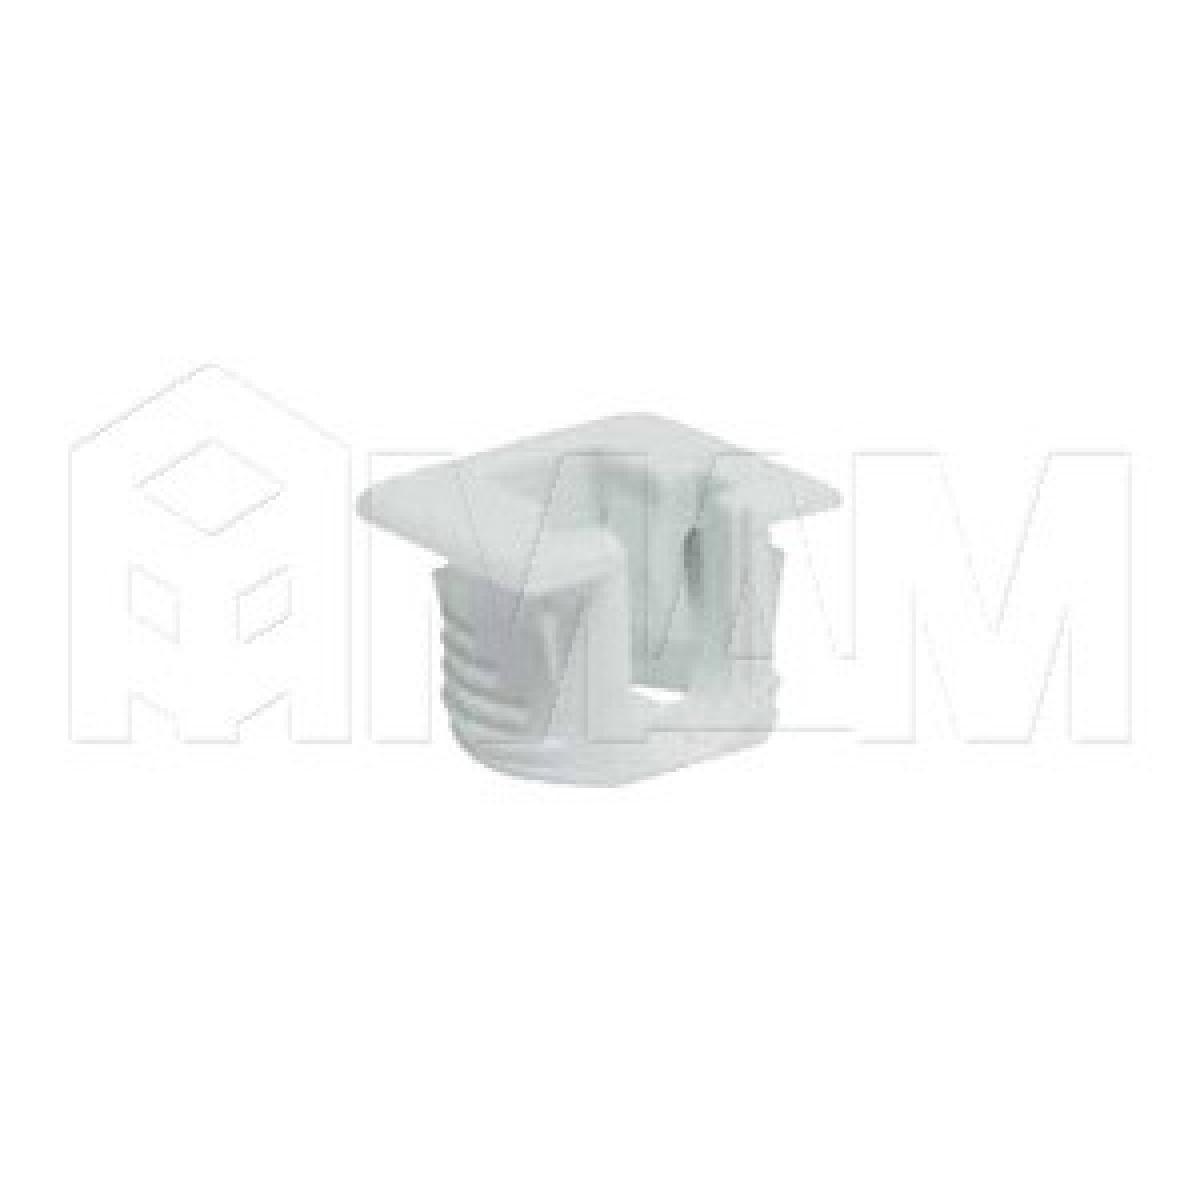 FLIPPER Полкодержатель для деревянных полок с фиксацией, белый